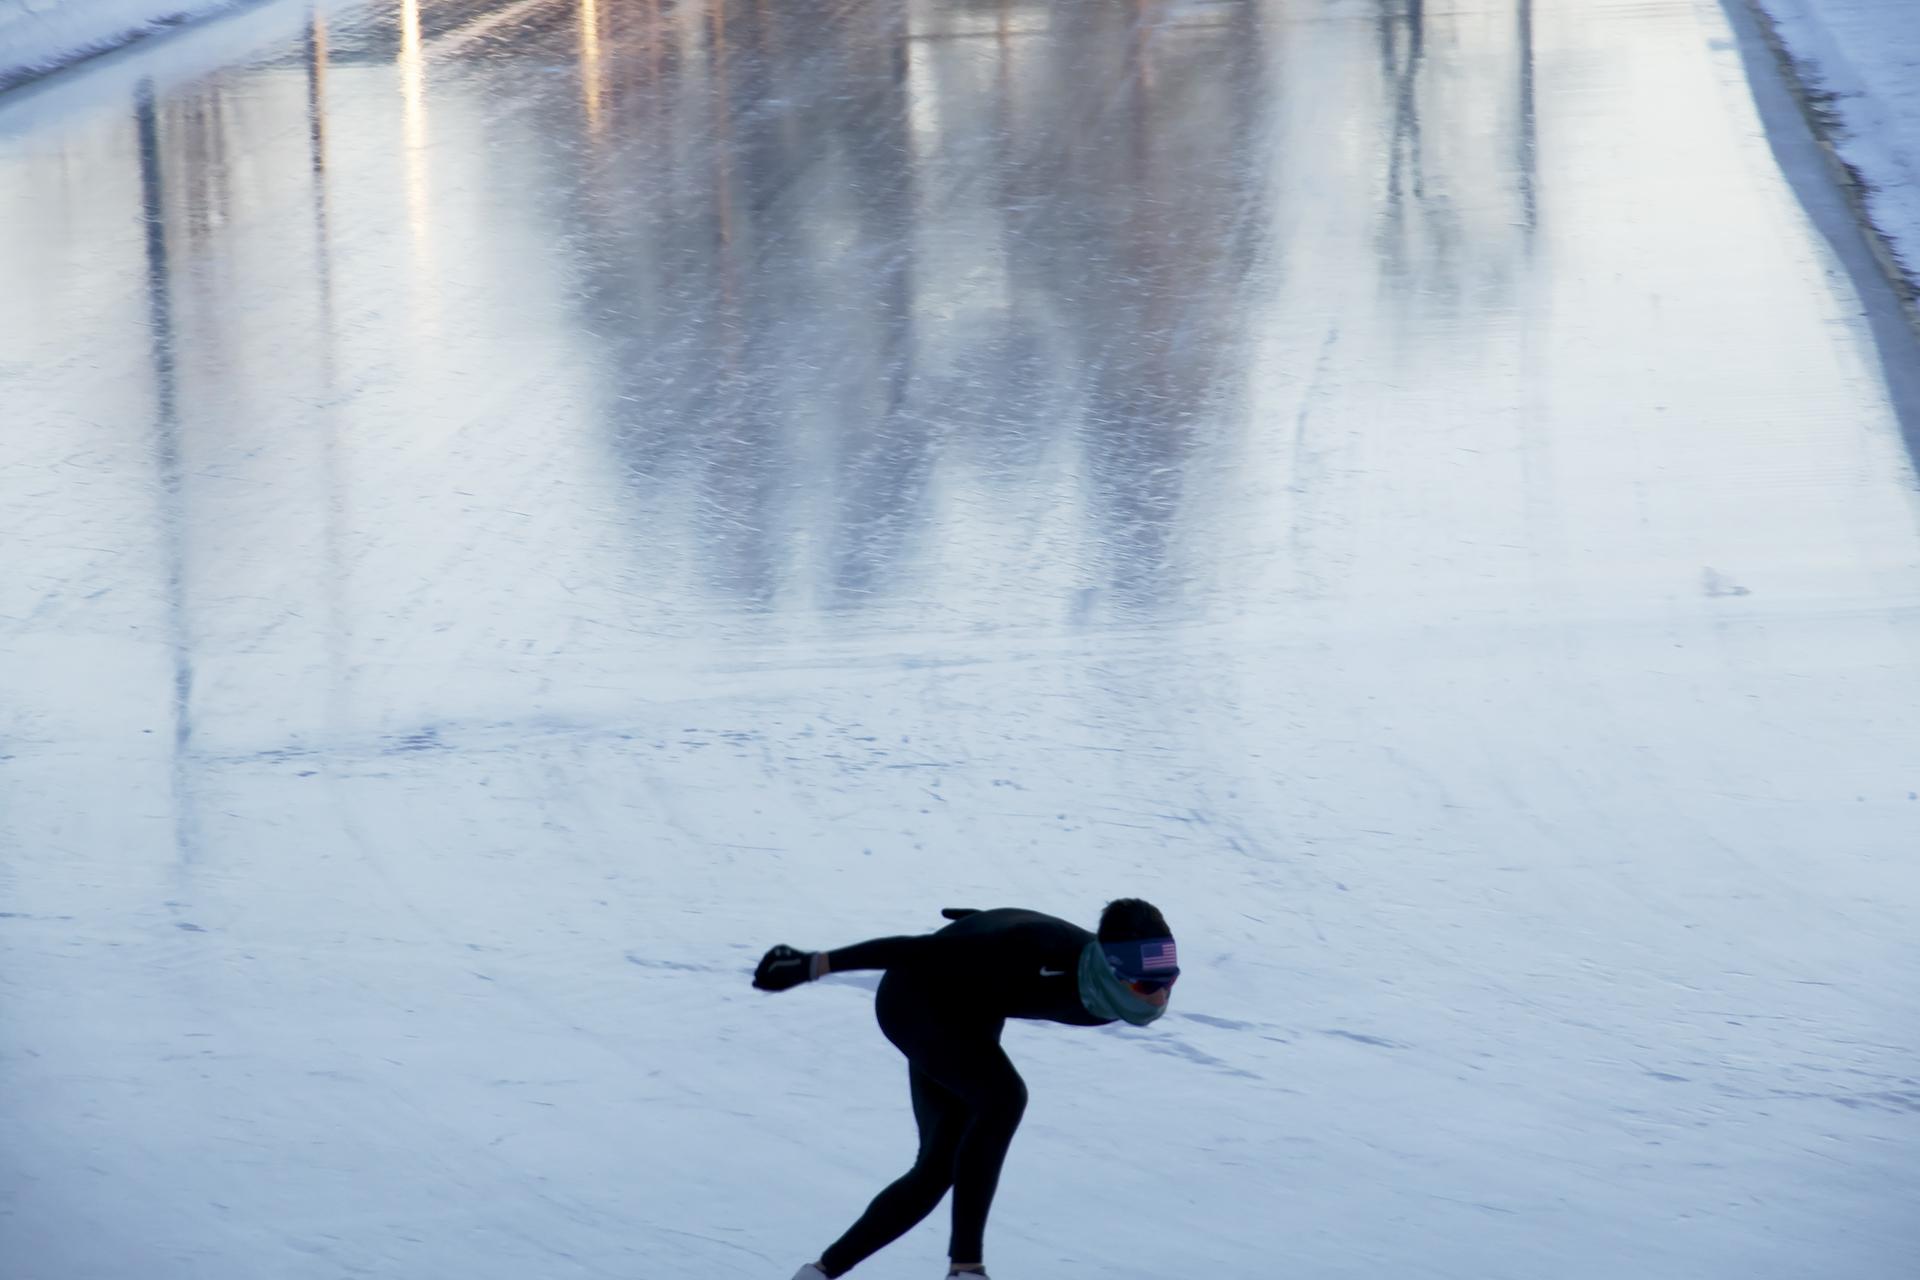 Skater on Edge